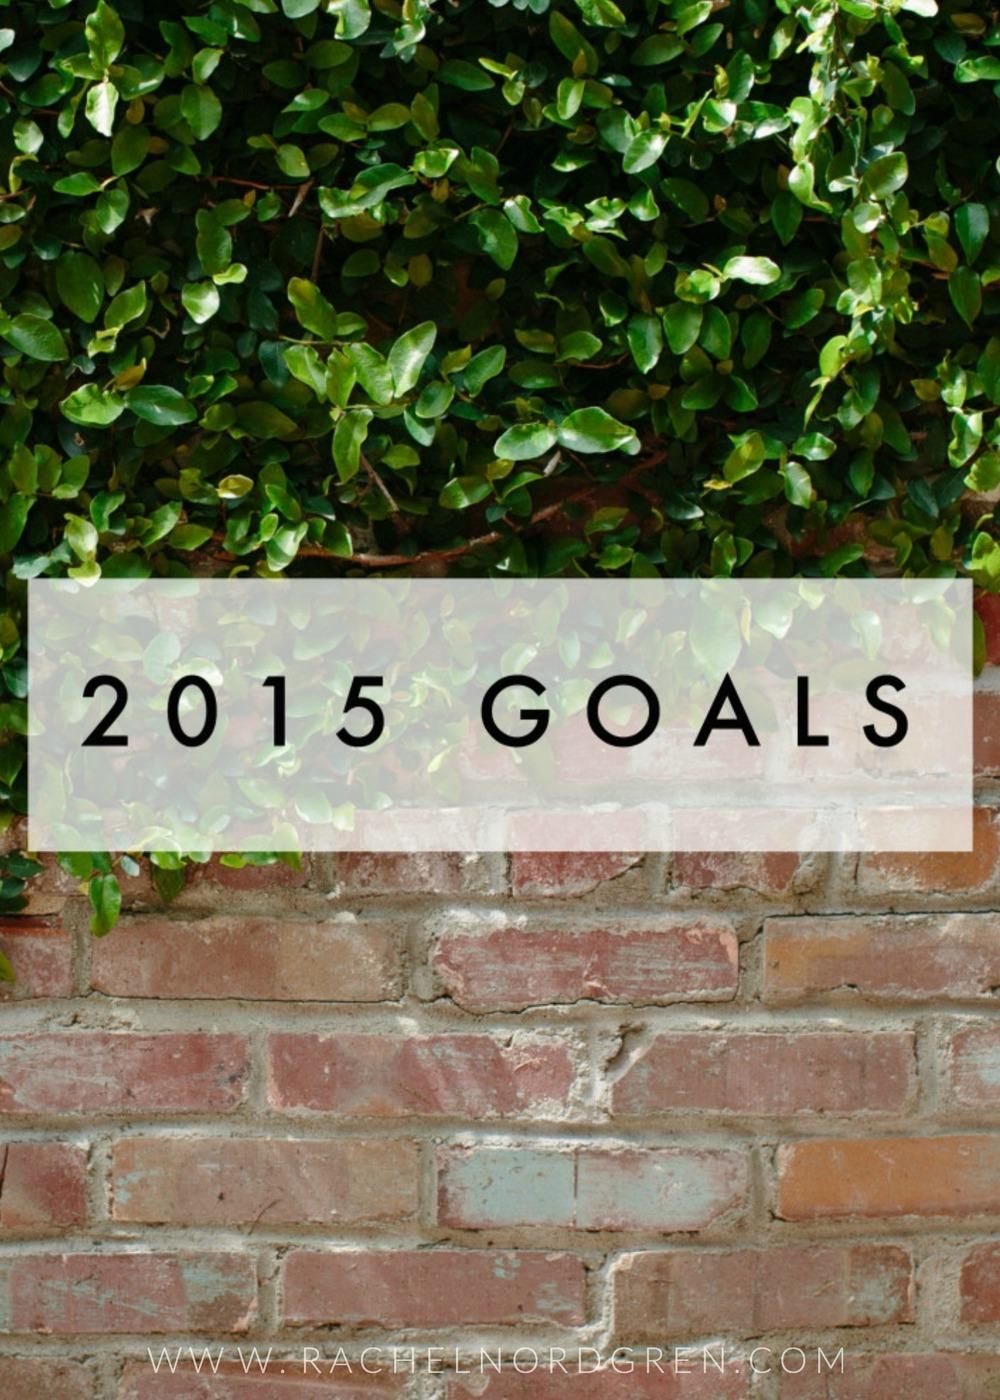 2015-Goals-Rachel-Nordgren.jpg